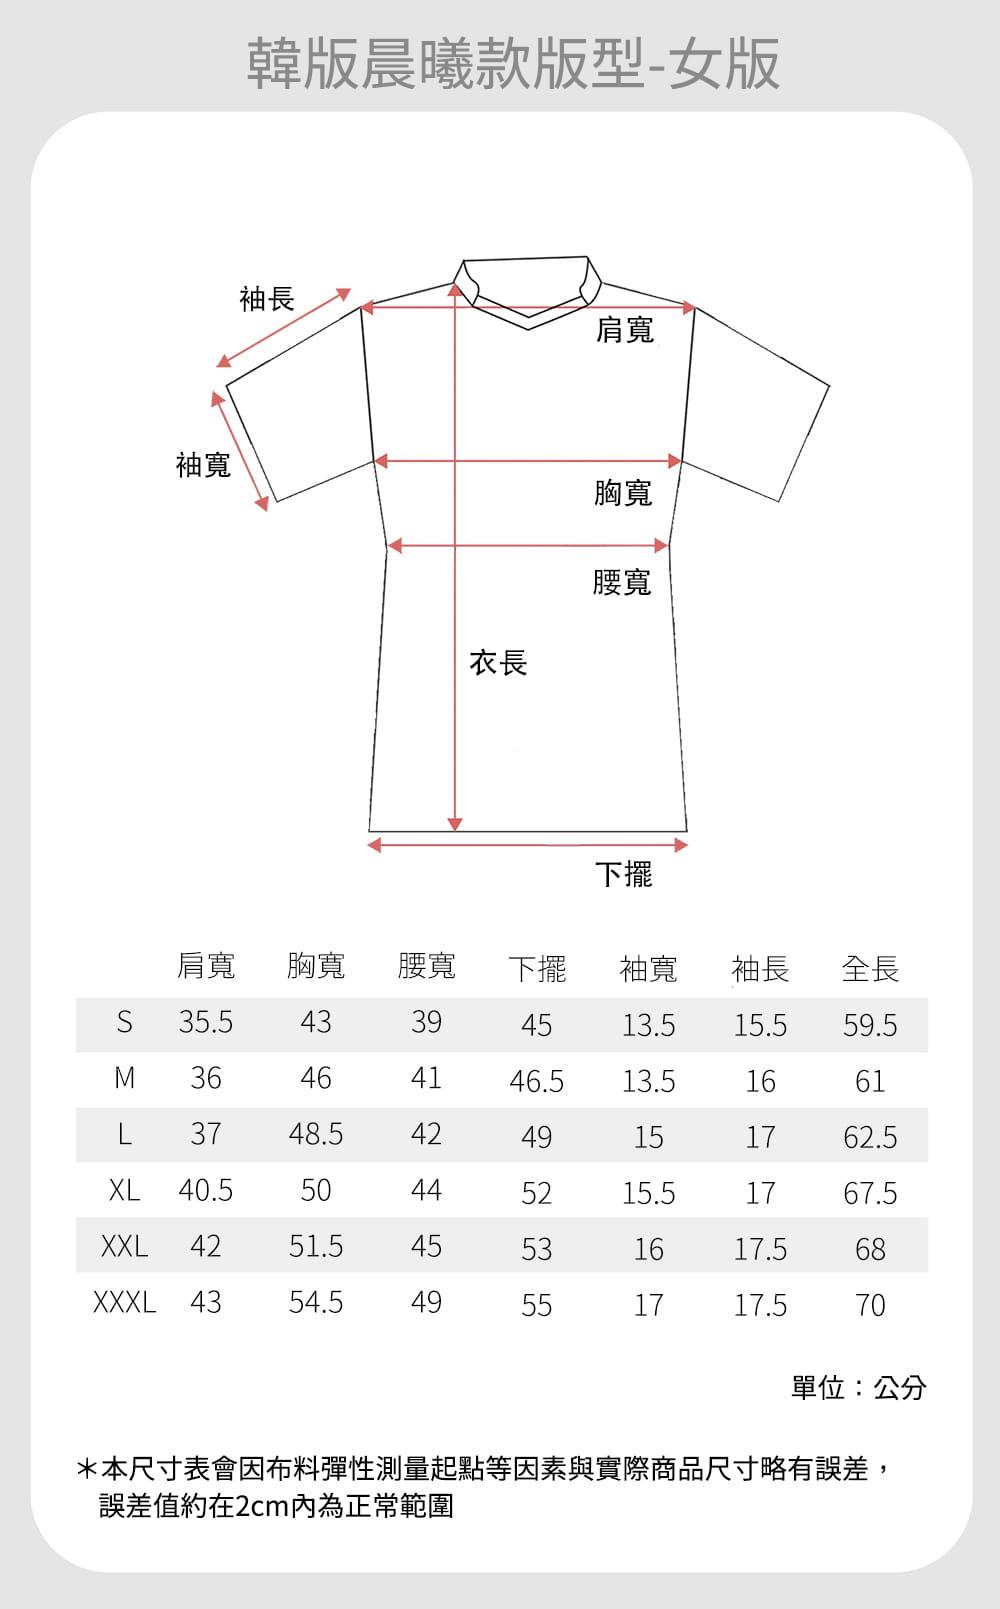 【JNICE】韓版晨曦羽球競技衫(女版)-白藍 8